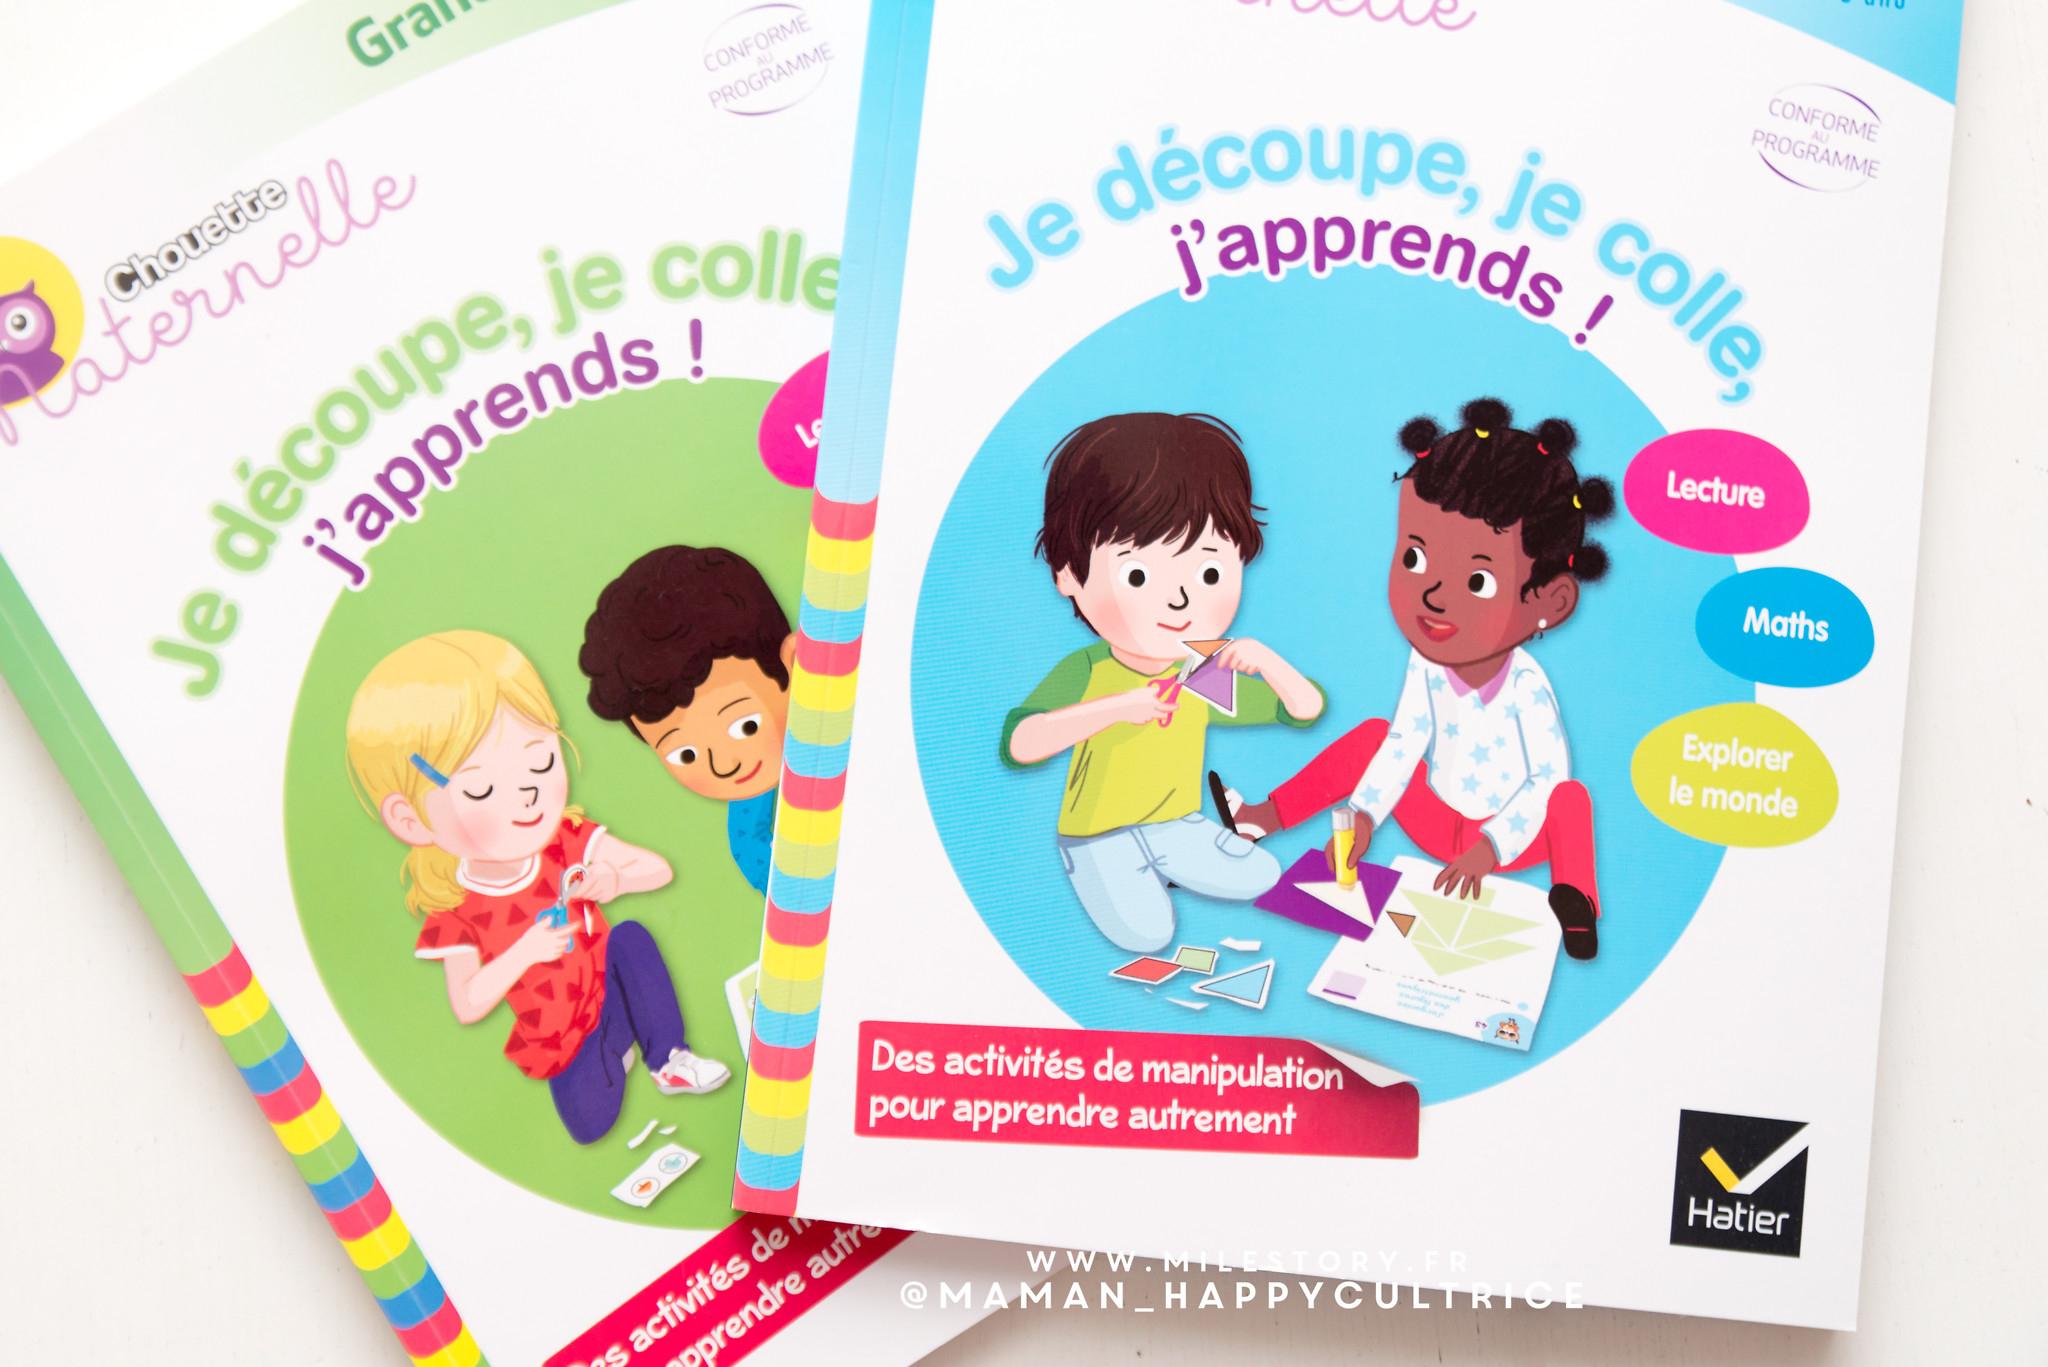 Cahiers D'activités Maternelle Découpe Colle - Milestory dedans Découpage Collage Maternelle À Imprimer